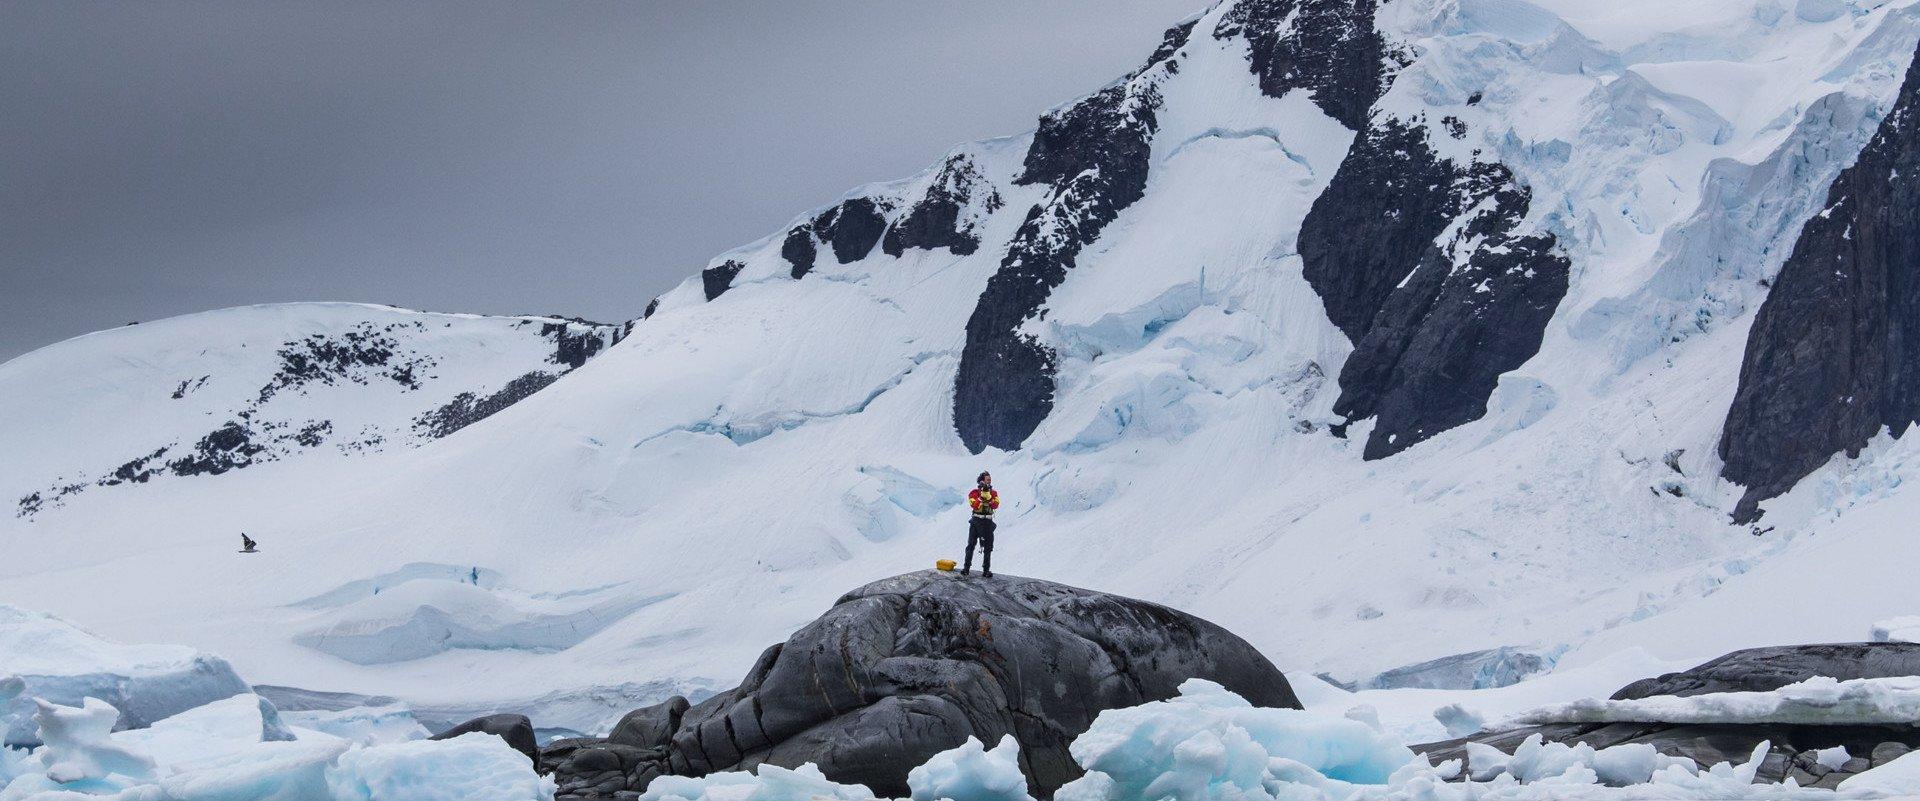 vimff iceolation background